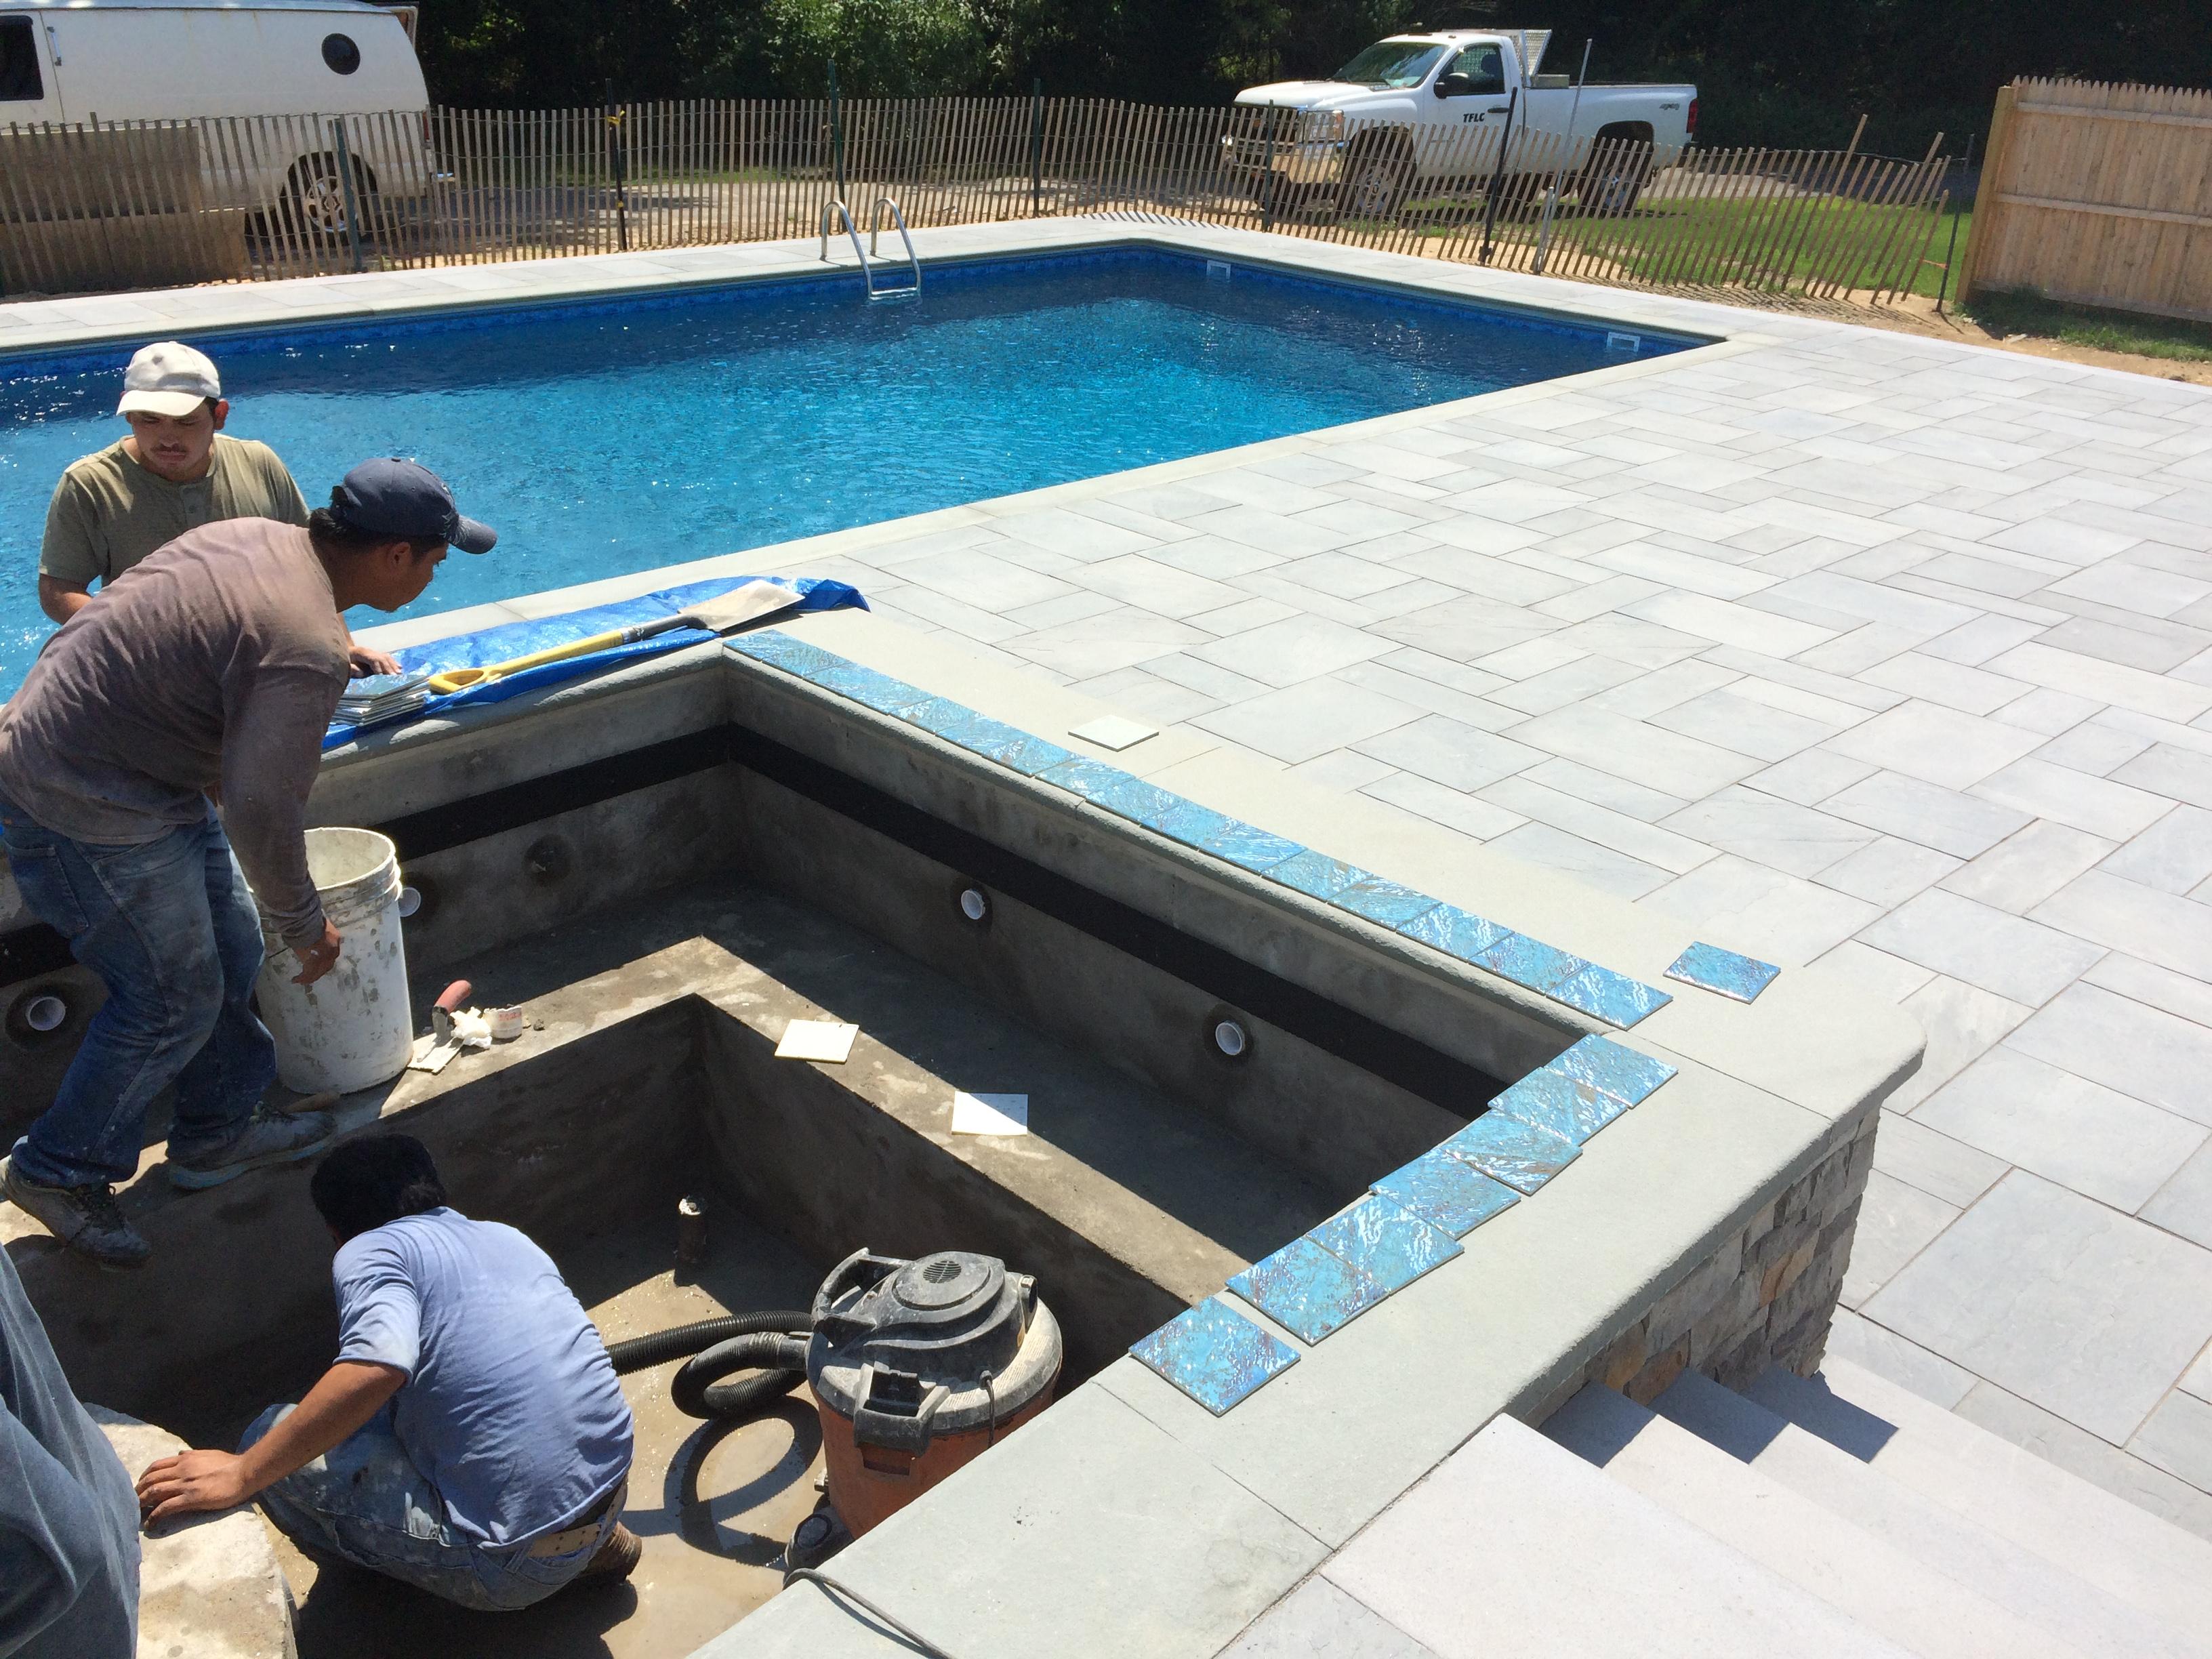 pool patio hot tub-TFLC